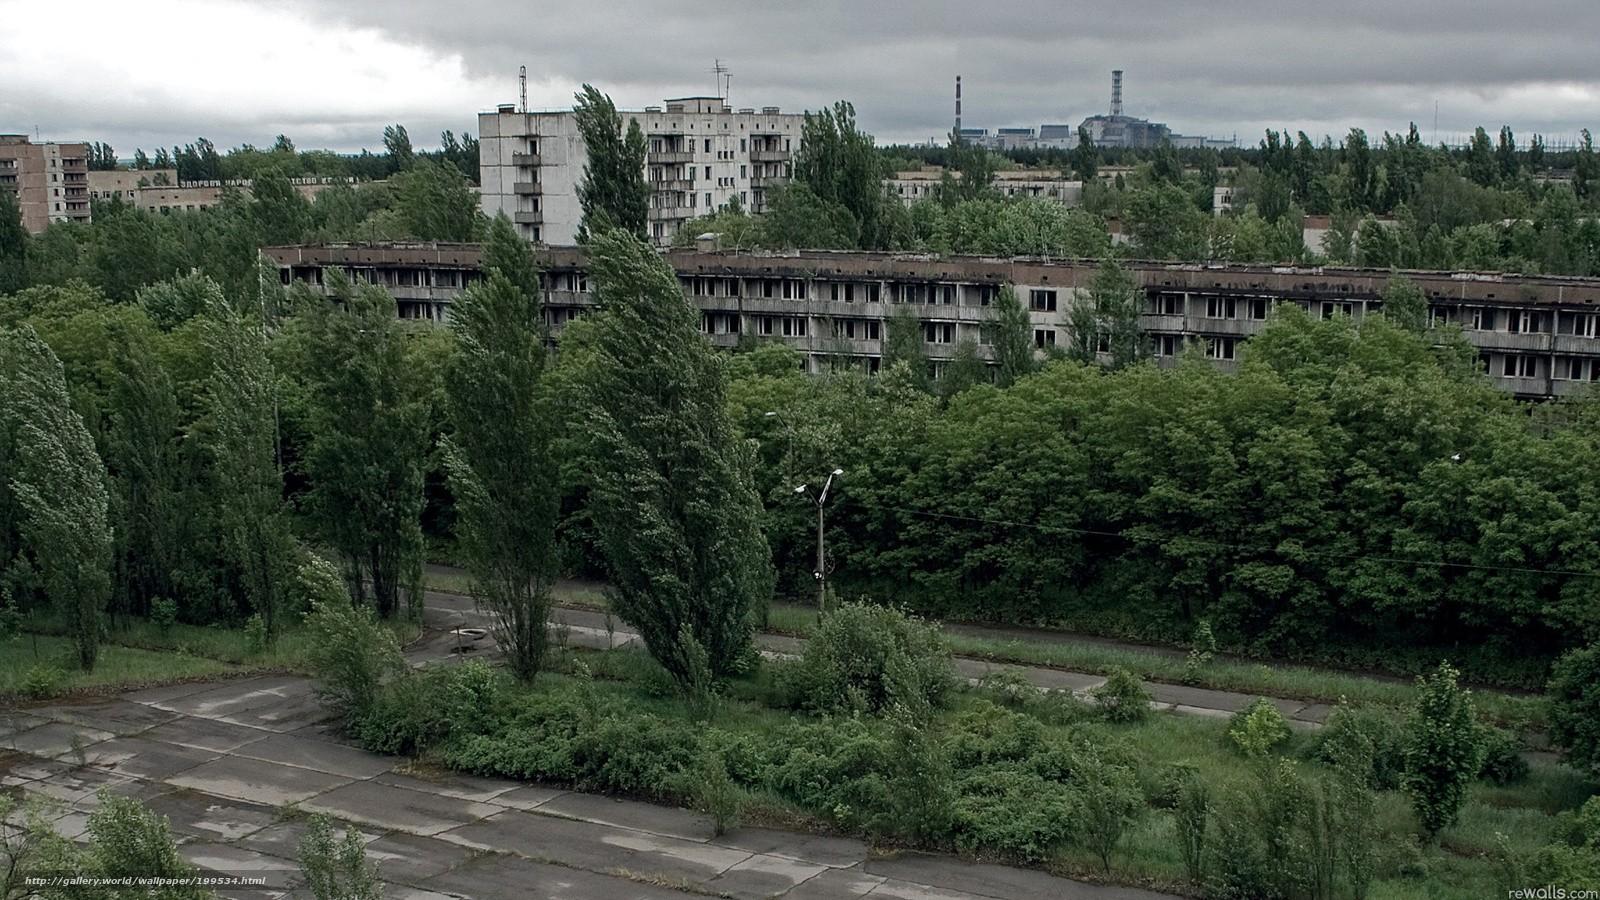 199534_pripyat_-mertvyj_-gorod_-doma_-okna_-derevya__1920x1080_www.gde-fon.com